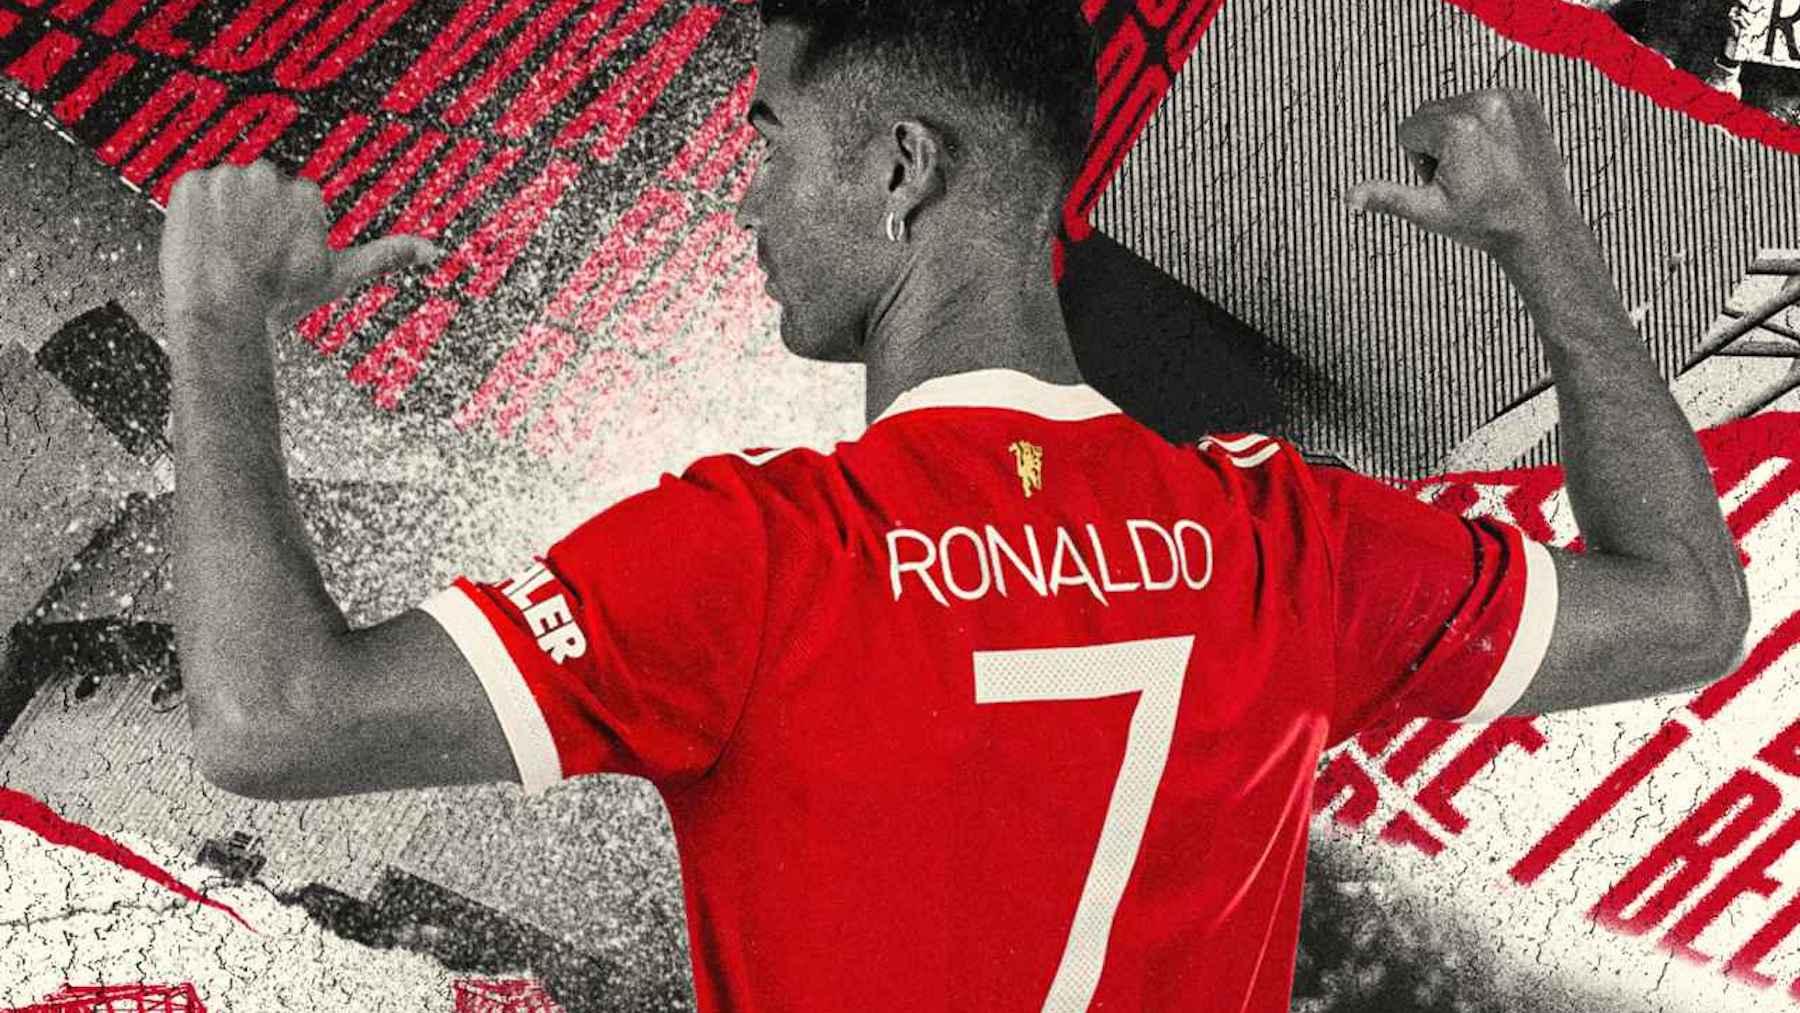 Cristiano Ronald llevará el 7 con el Manchester United.